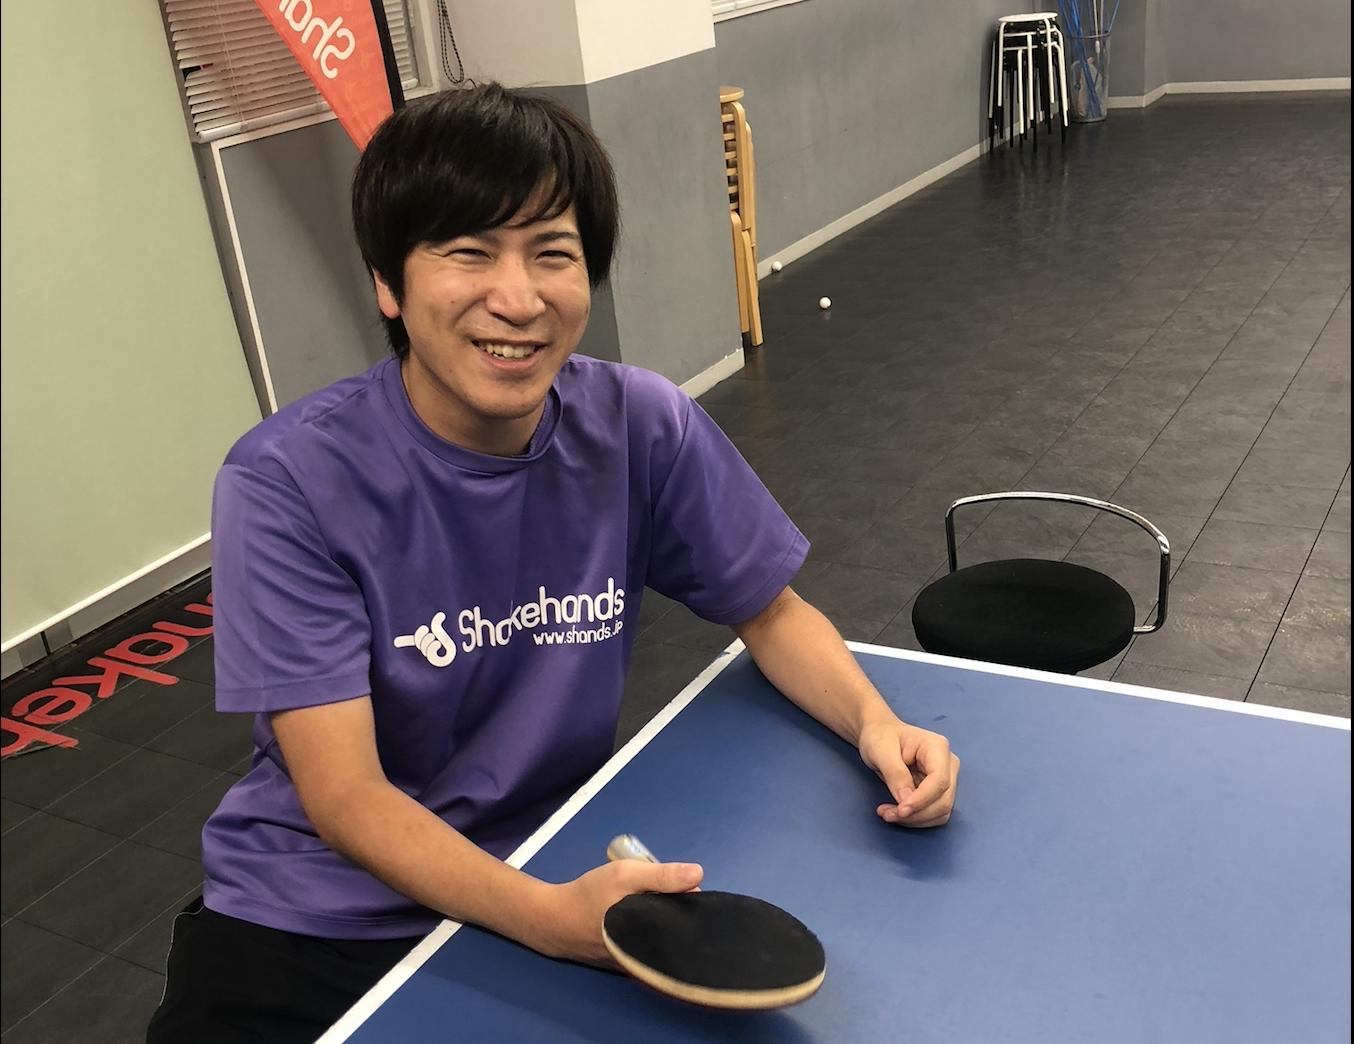 【検証】卓球コーチに一般プレイヤーが勝てるのか!?